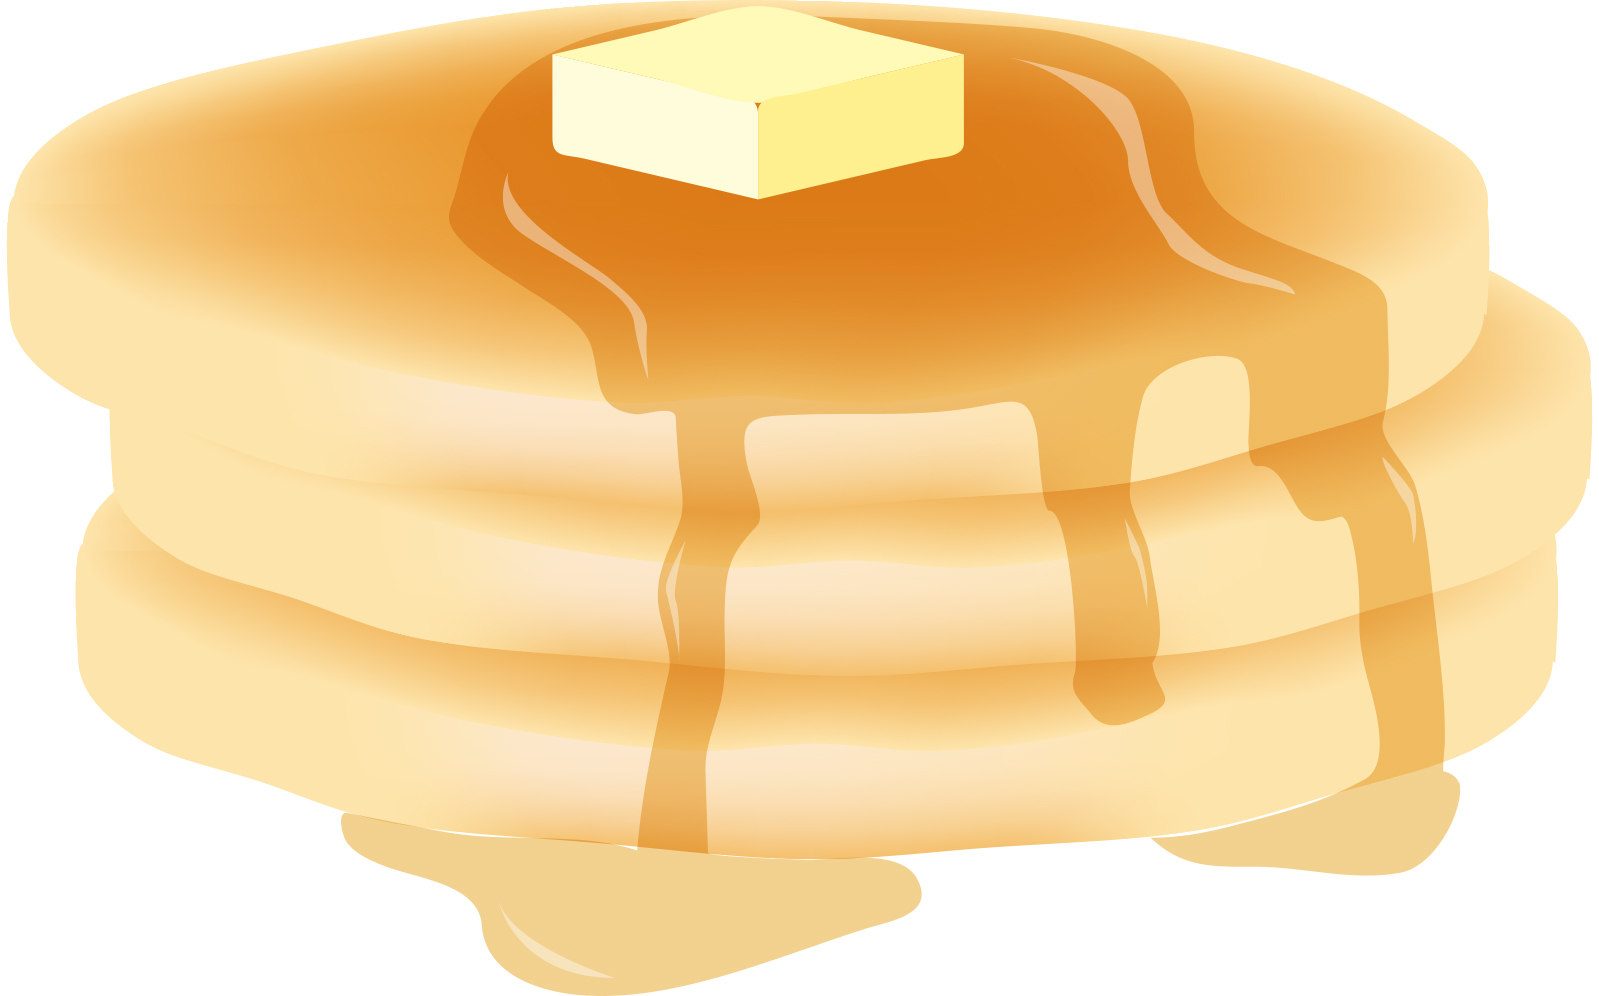 ホットケーキミックスの糖質はどれくらいあるのか